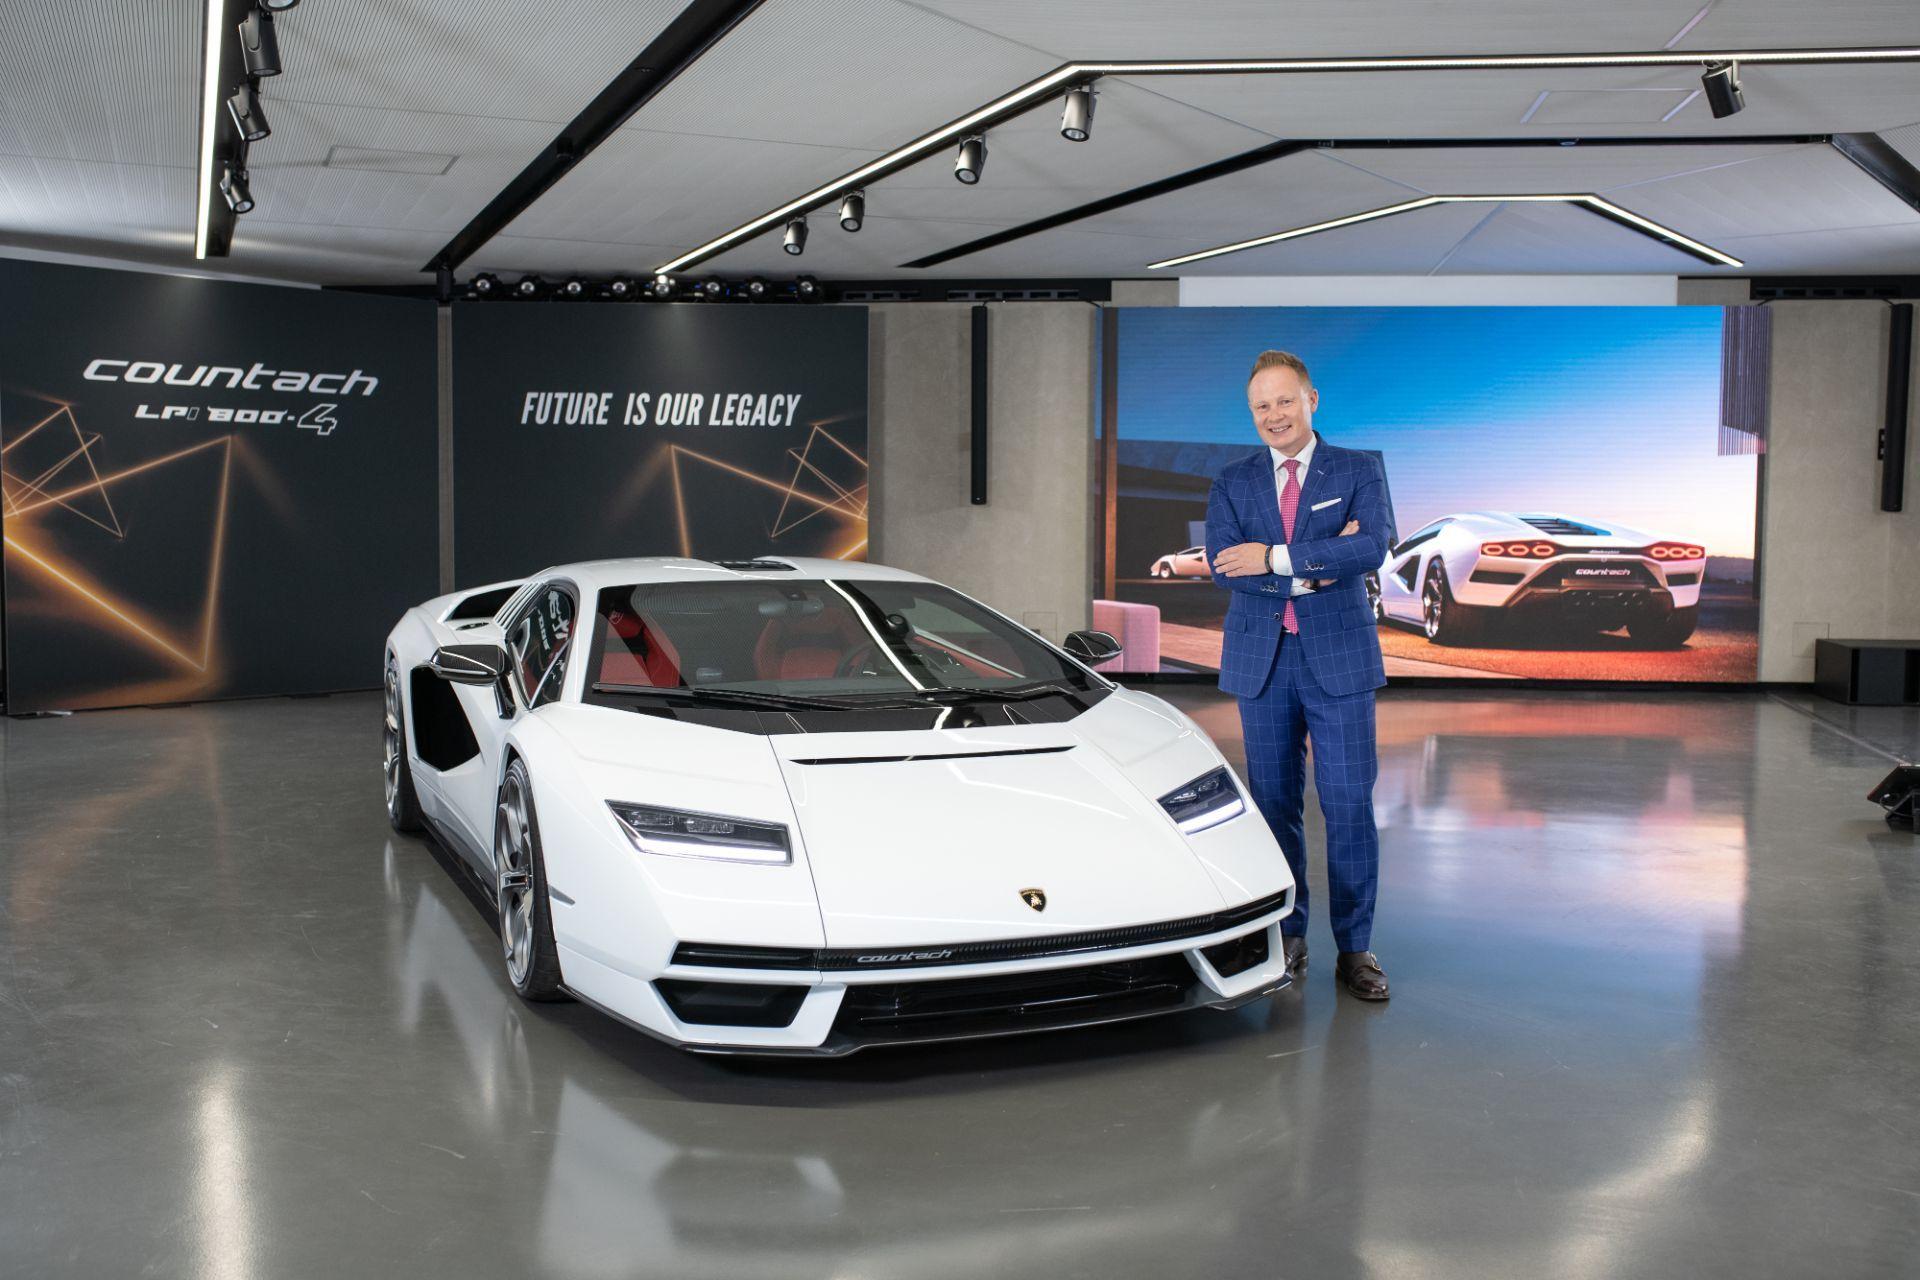 Lamborghini-Countach-LPI-800-4-23